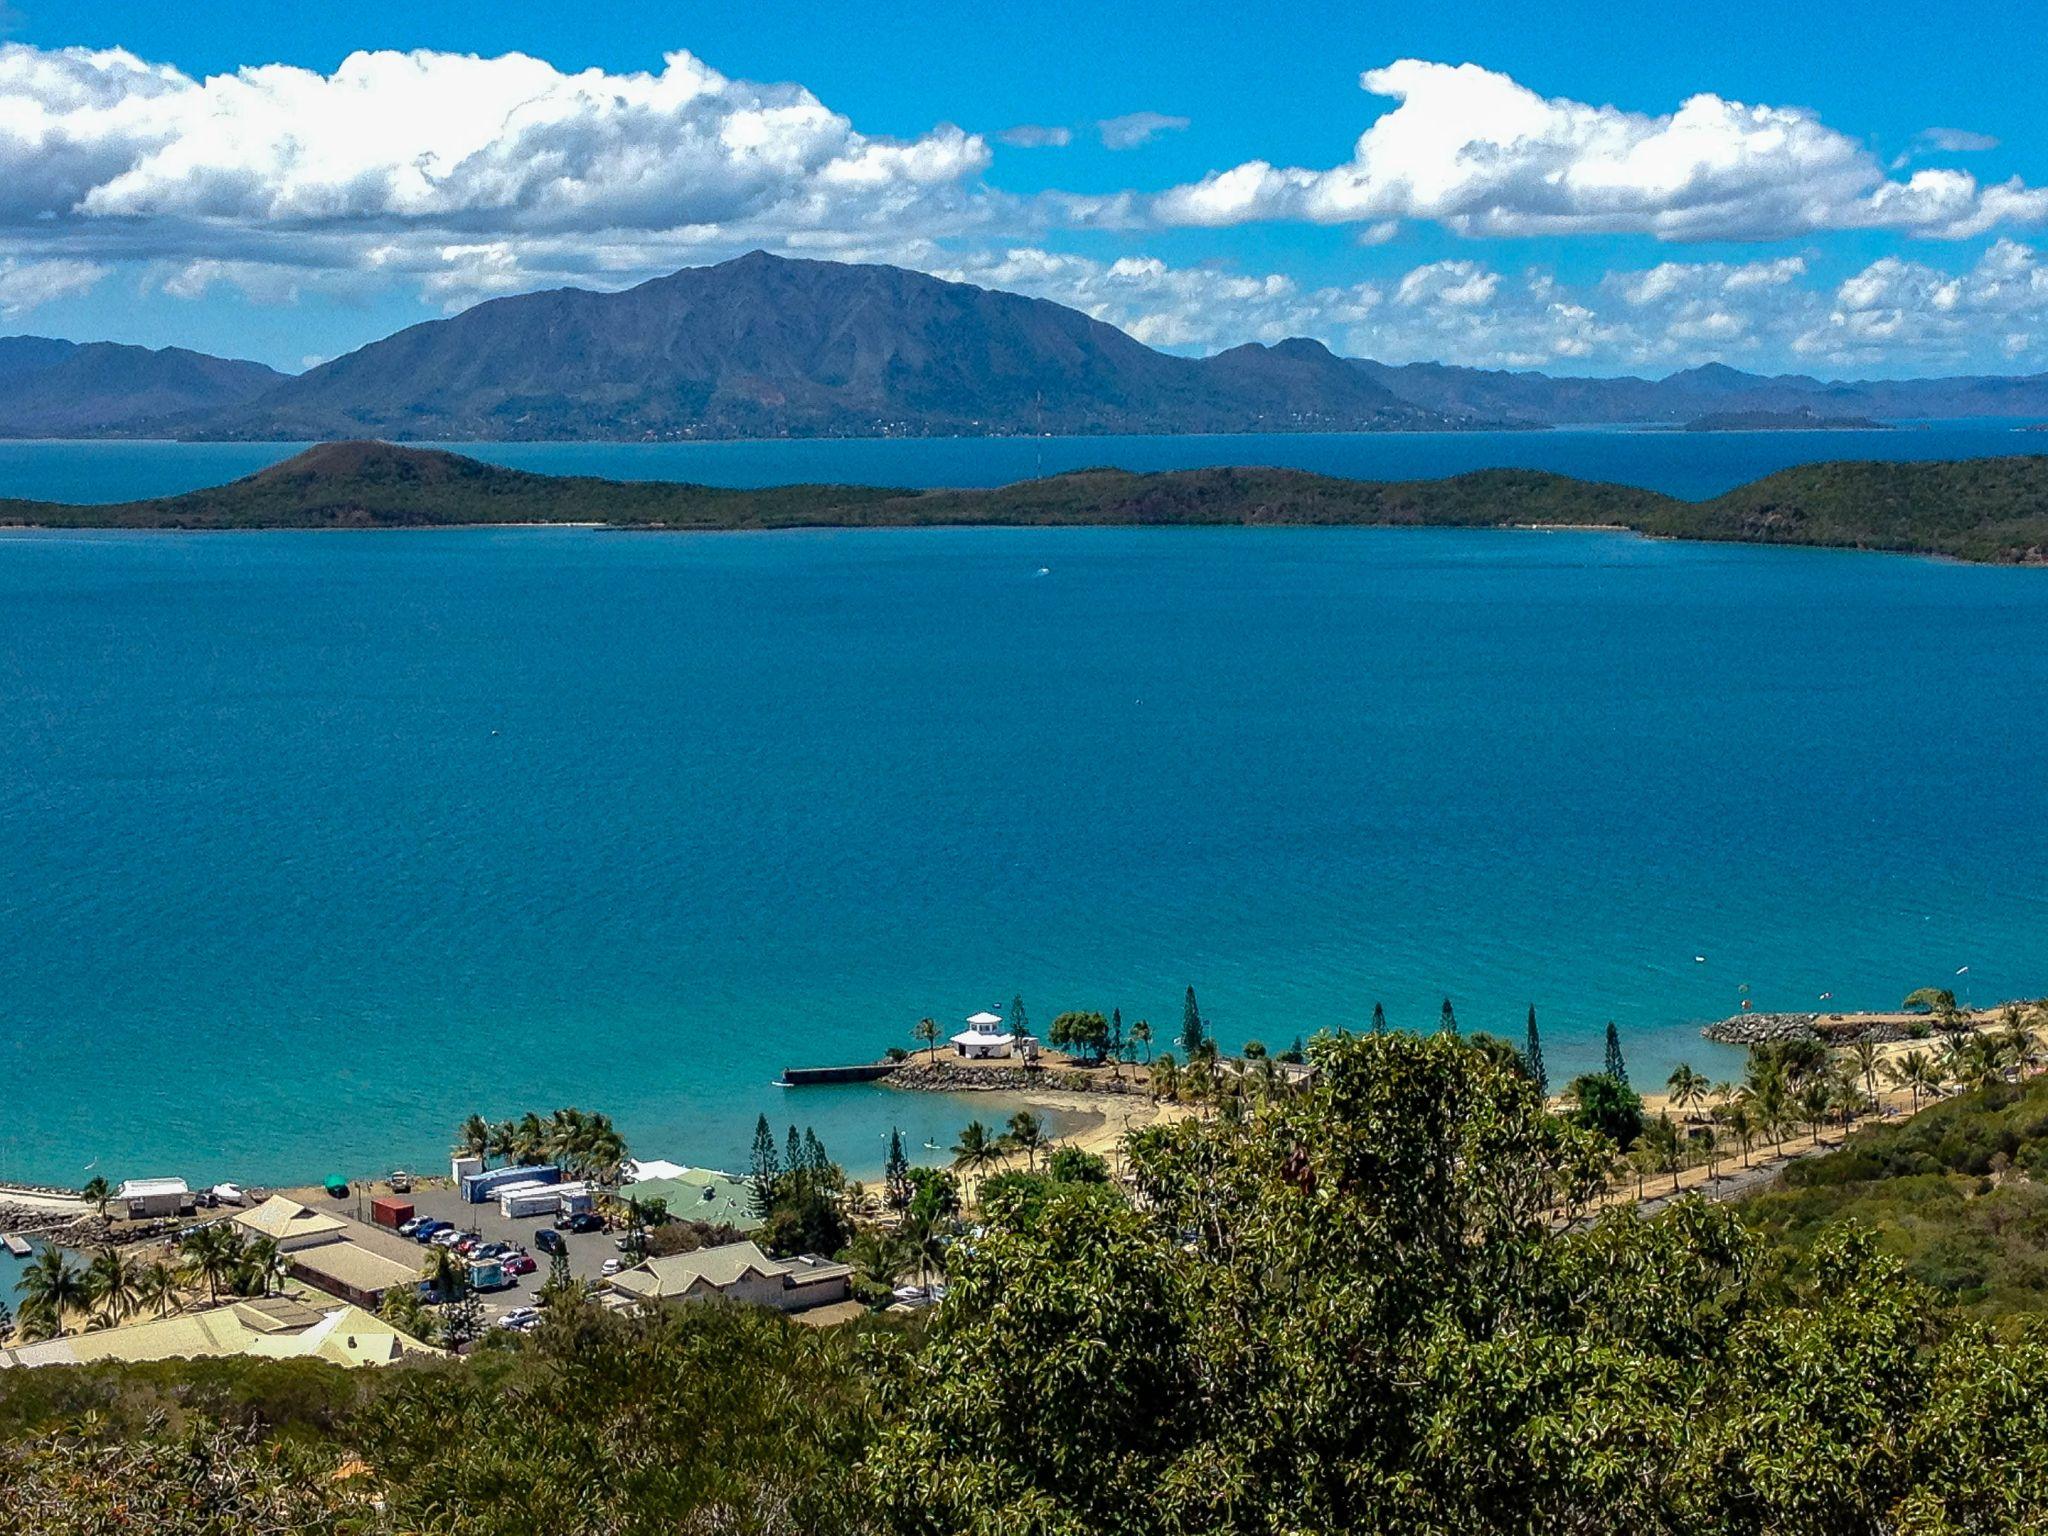 Ouen Toro, New Caledonia